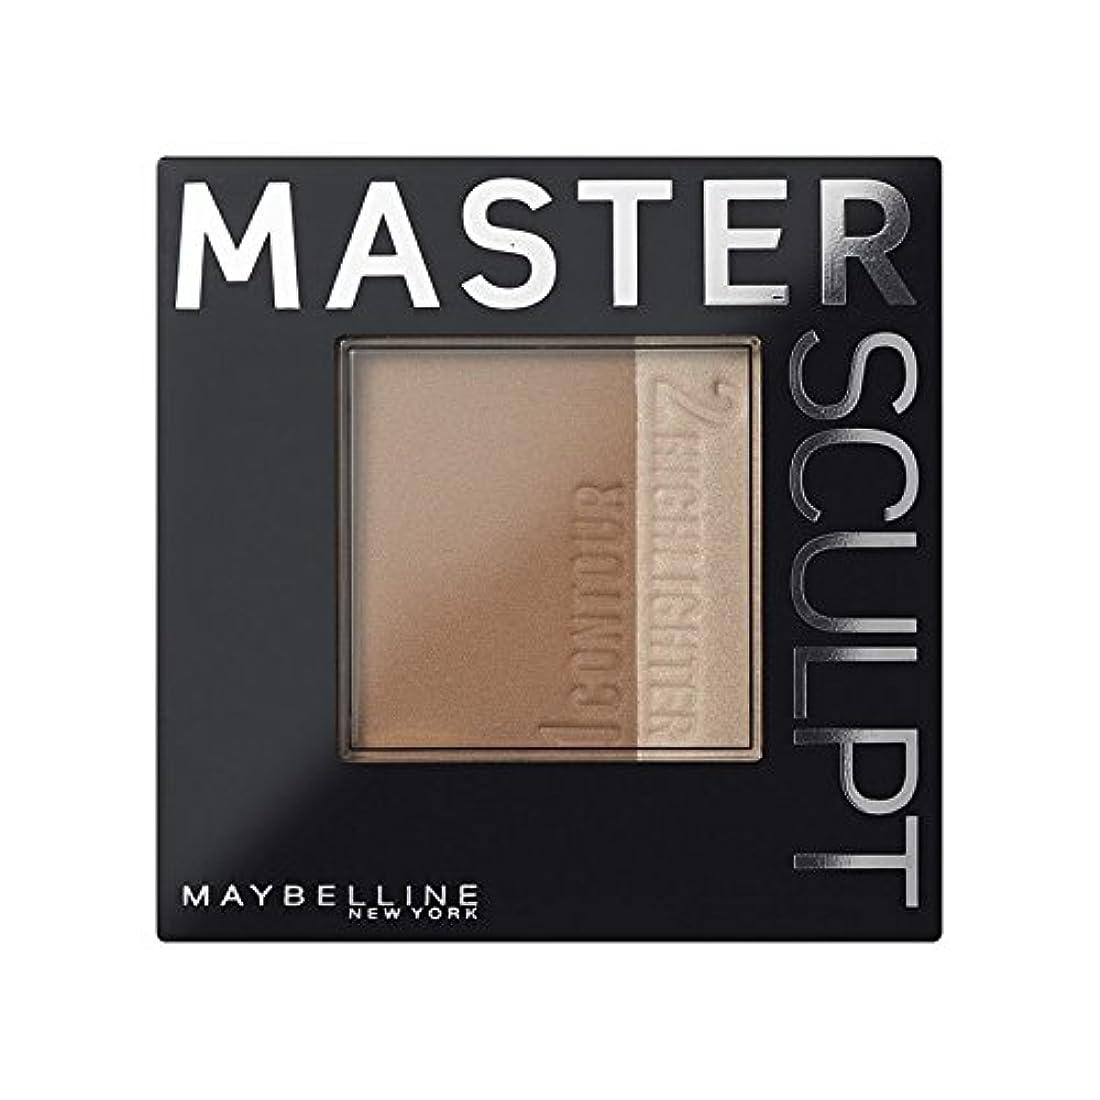 それぞれ好きである額Maybelline Master Sculpt Contouring Foundation 01 Light/Med (Pack of 6) - 土台01光/ を輪郭メイベリンマスタースカルプト x6 [並行輸入品]